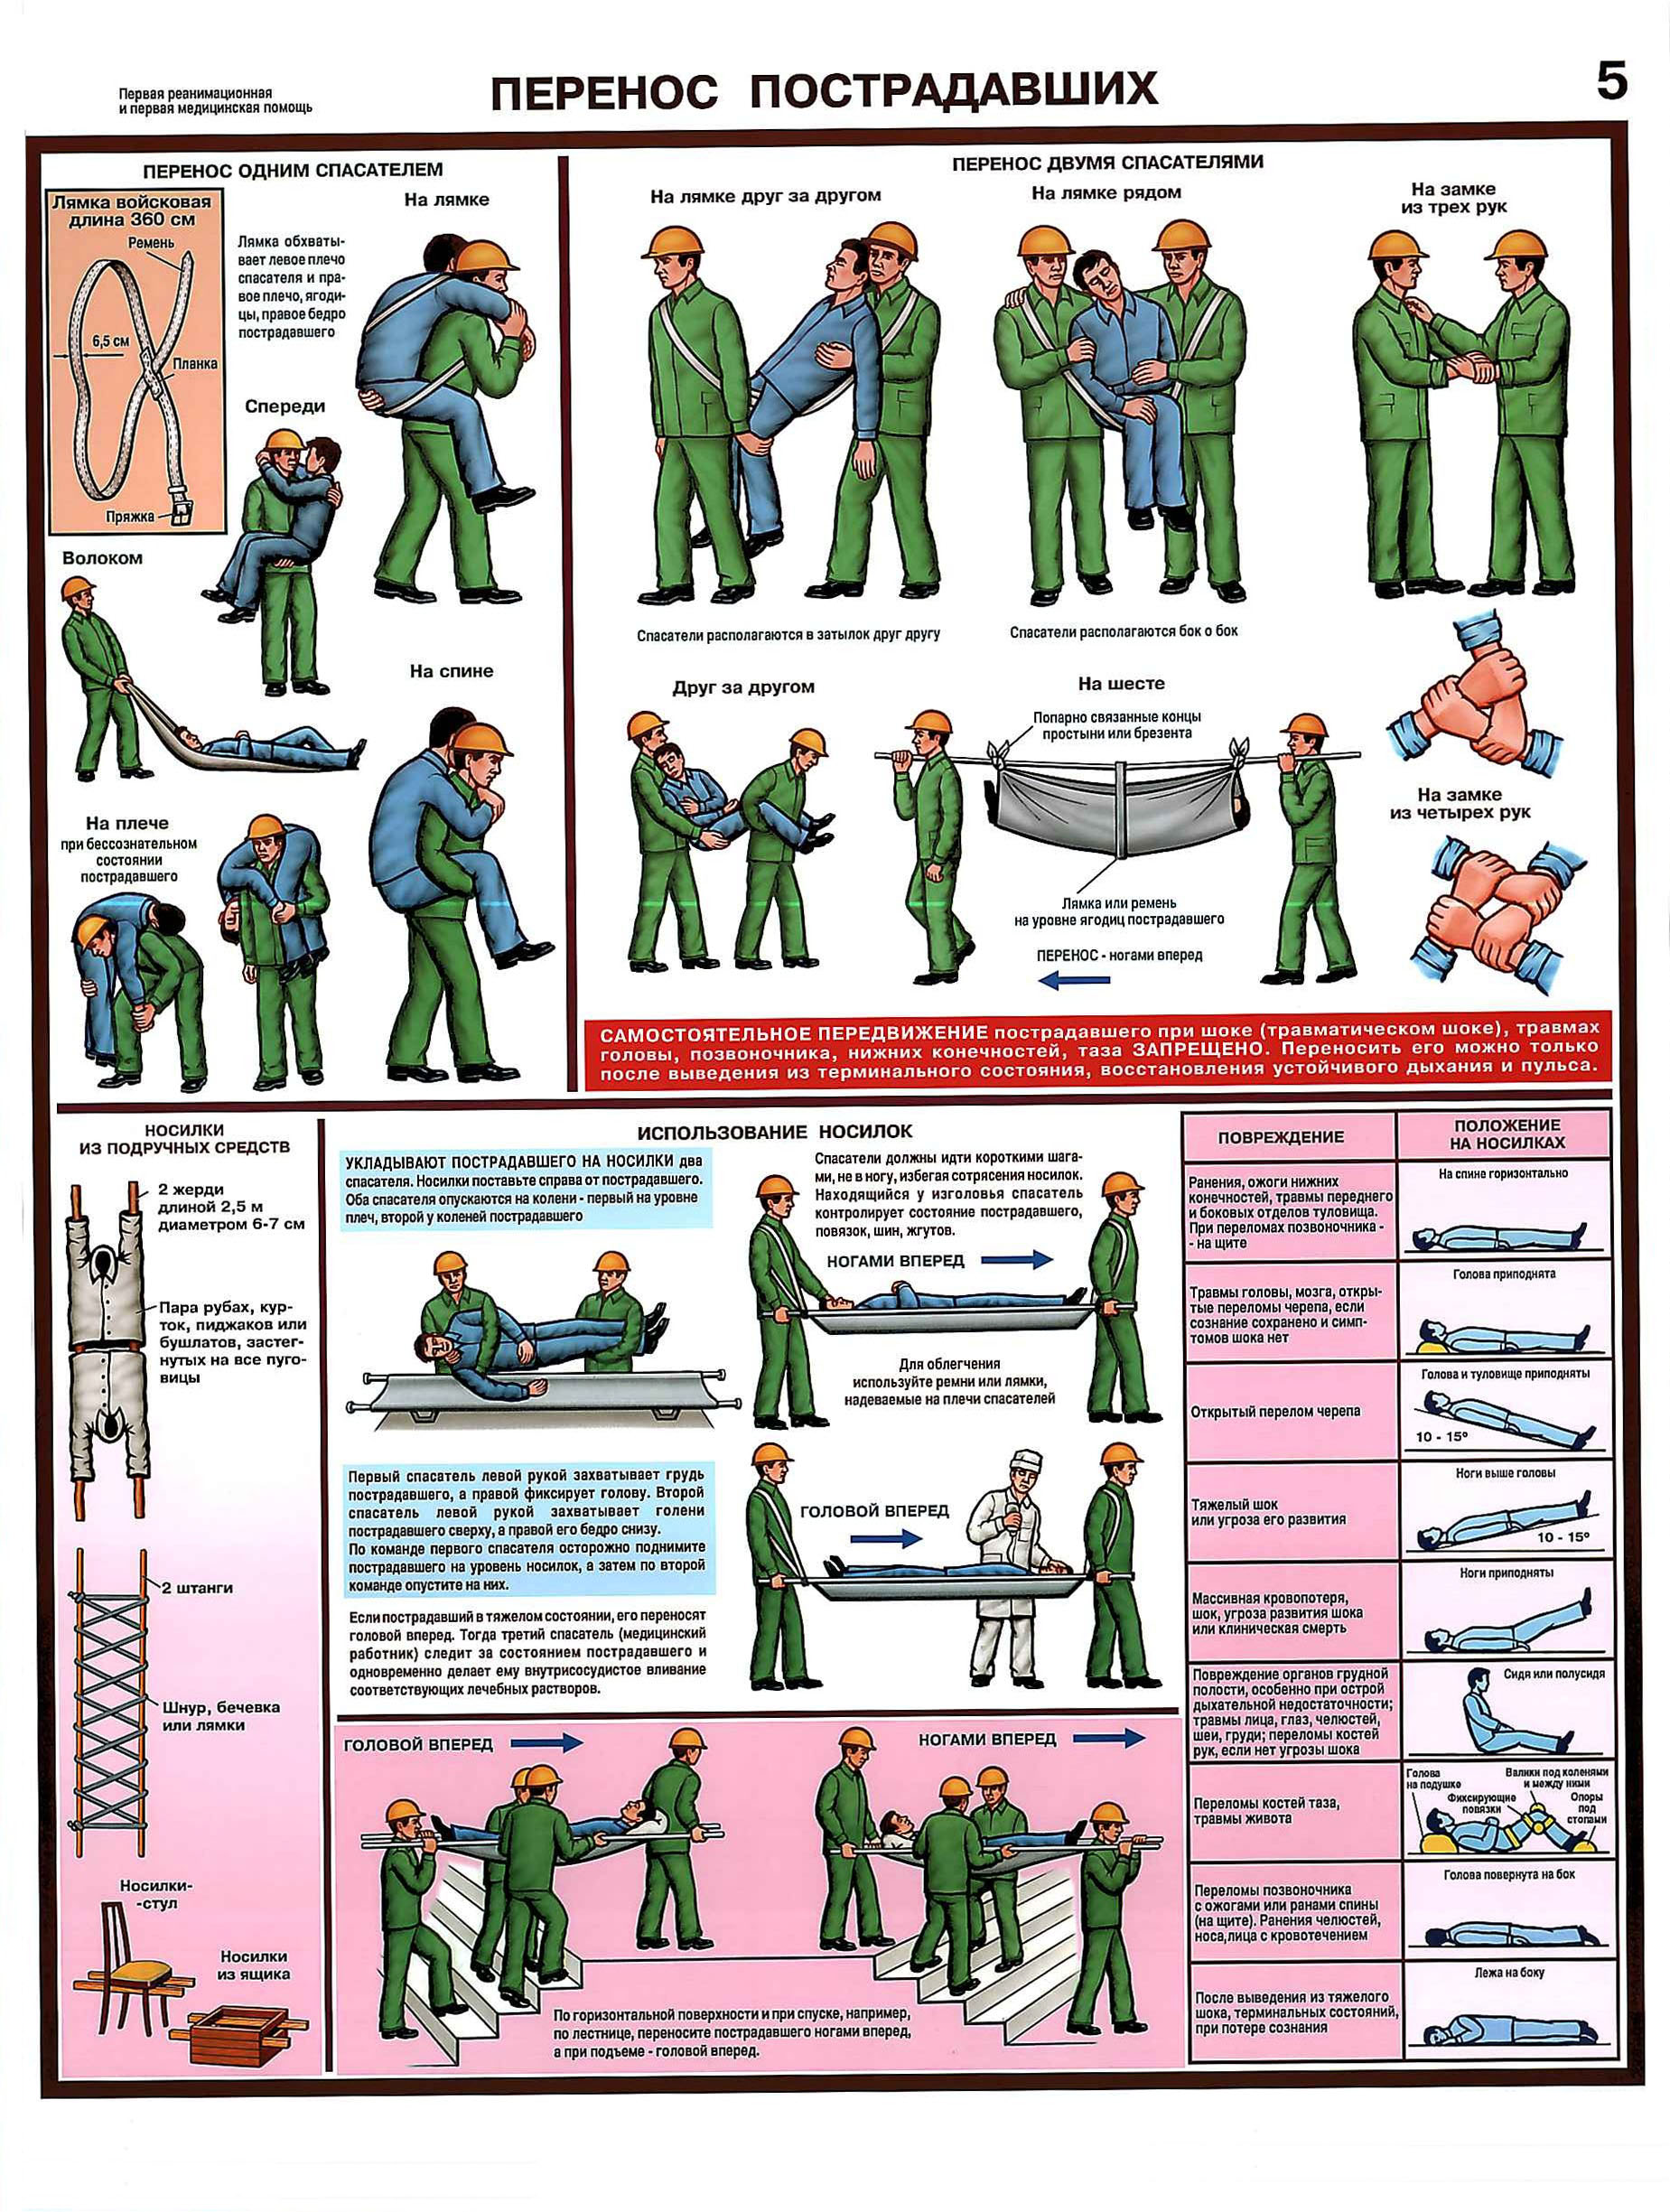 http://веб-механик.рф/images/plakat/med_pomosch/perenos_postradavshich.jpg